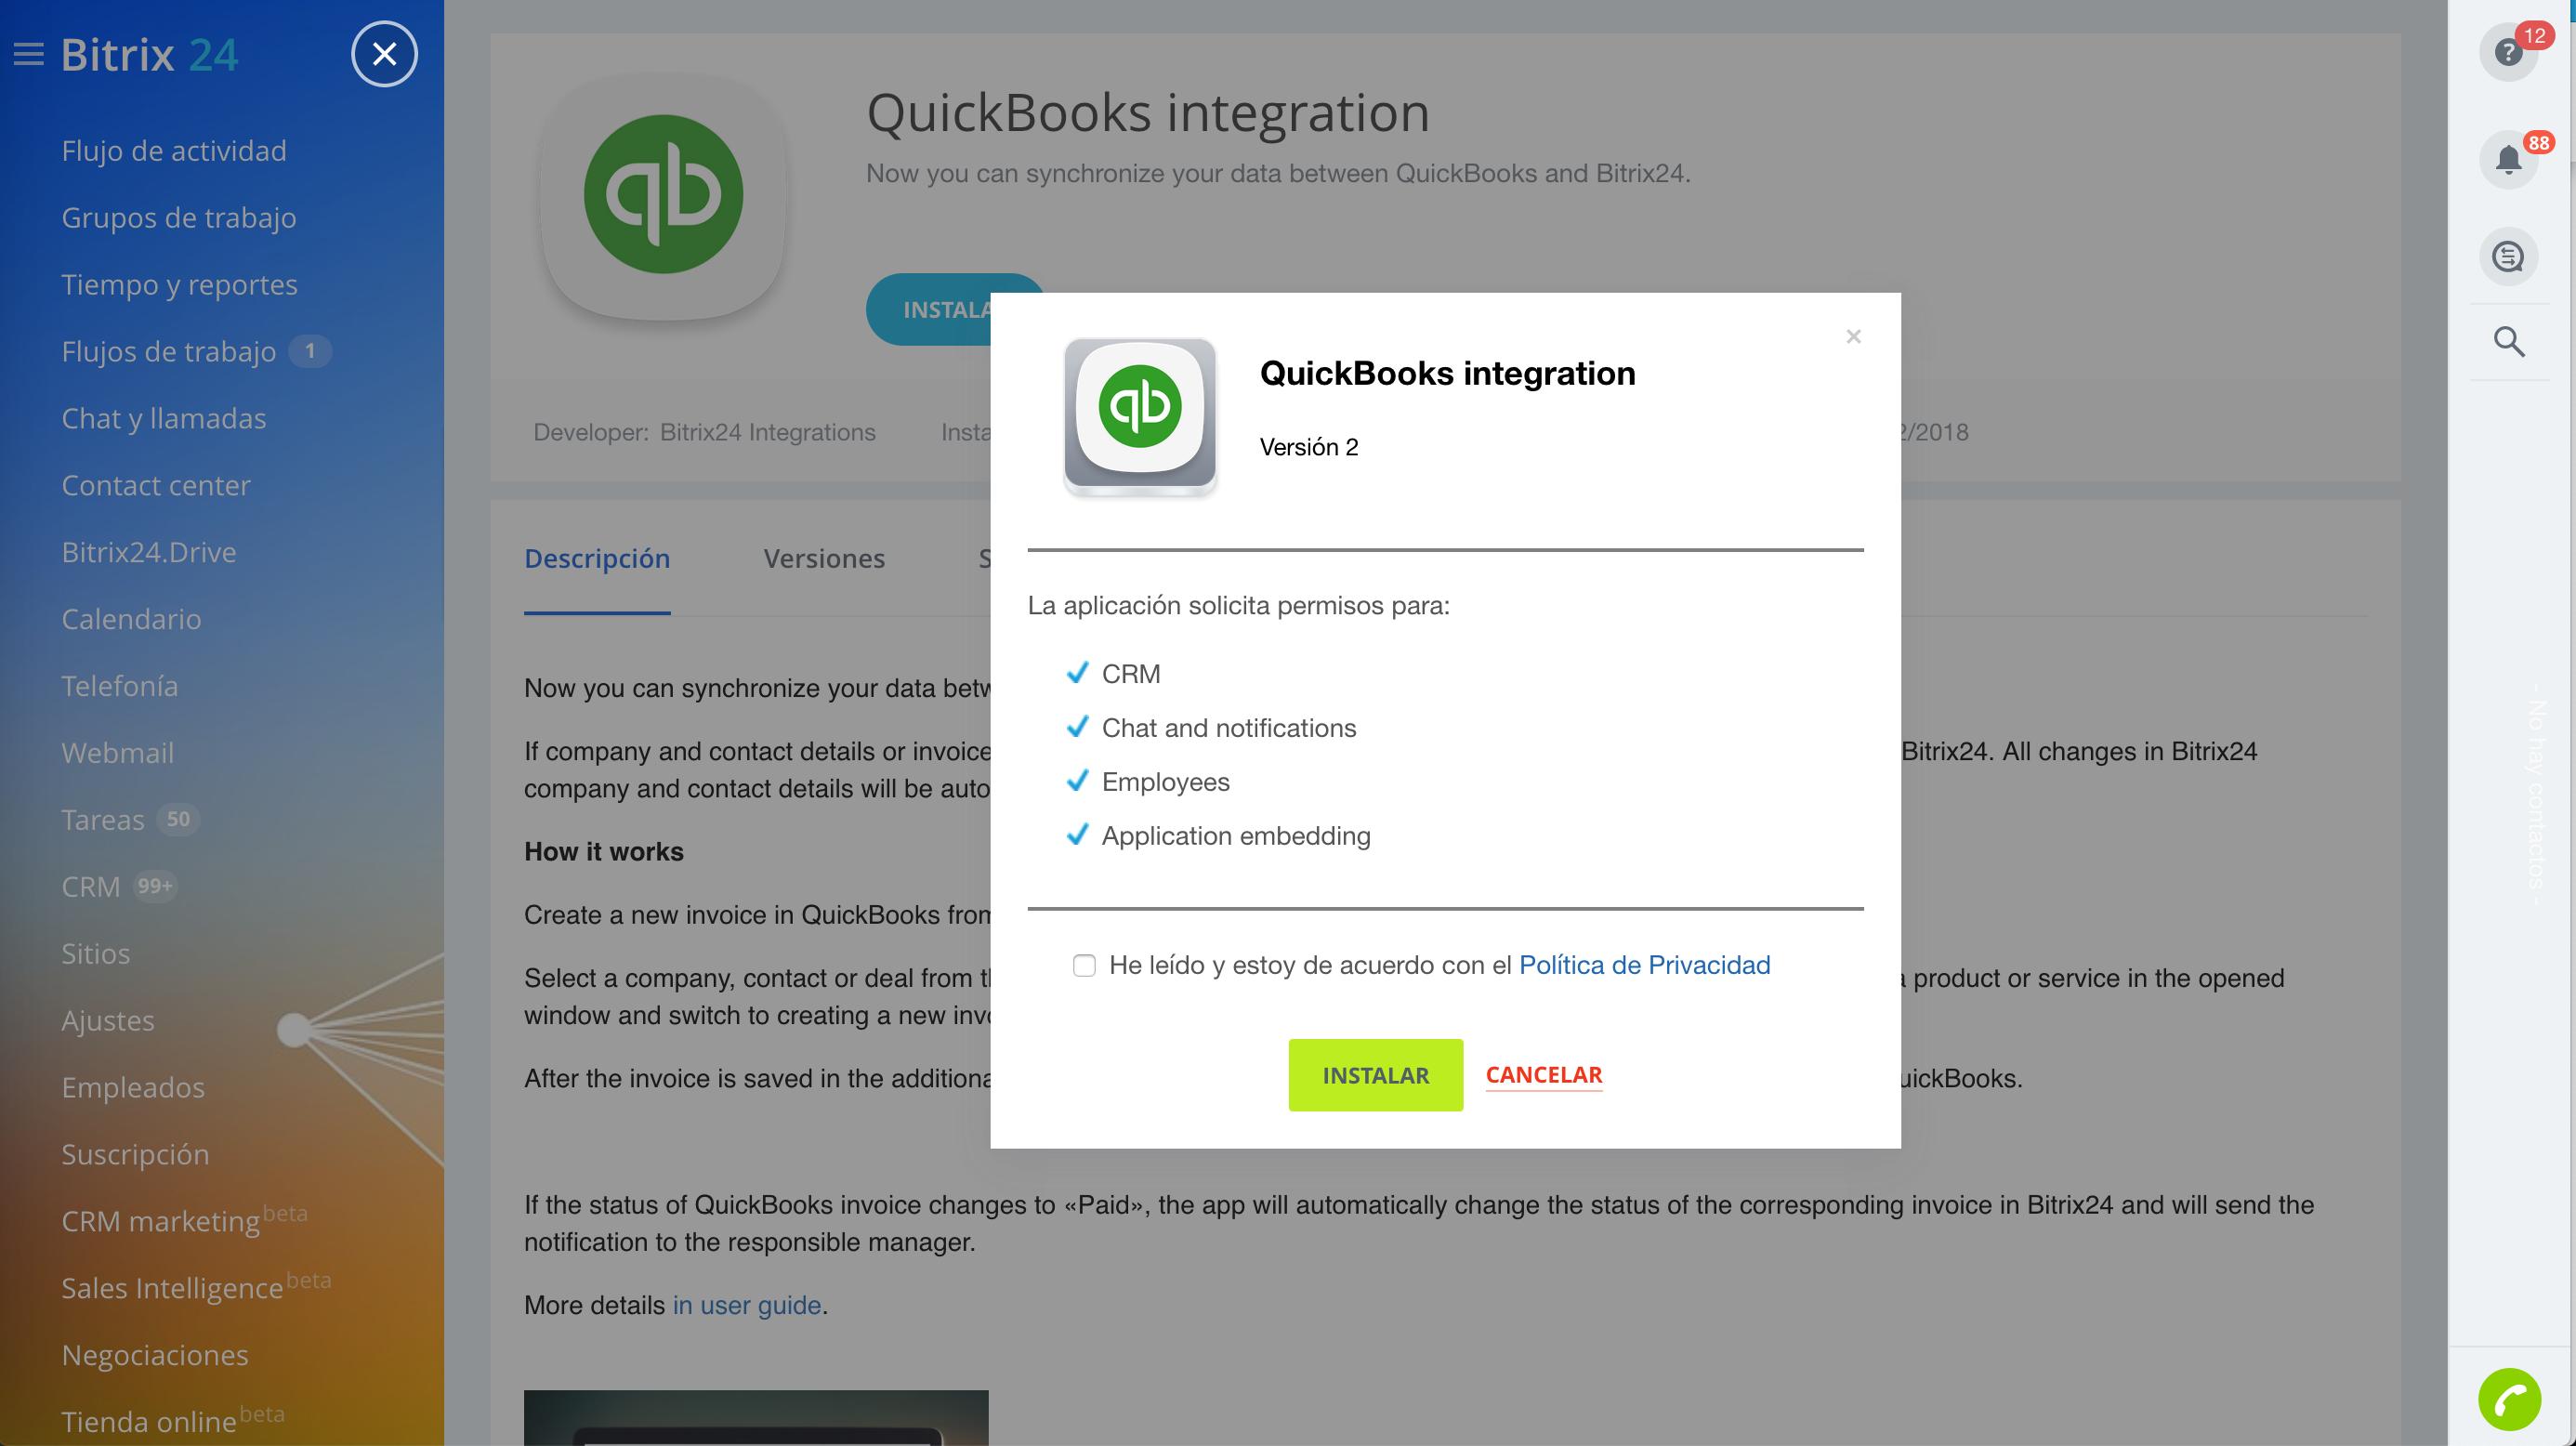 Ya llegó la integración de QuickBooks con Bitrix24